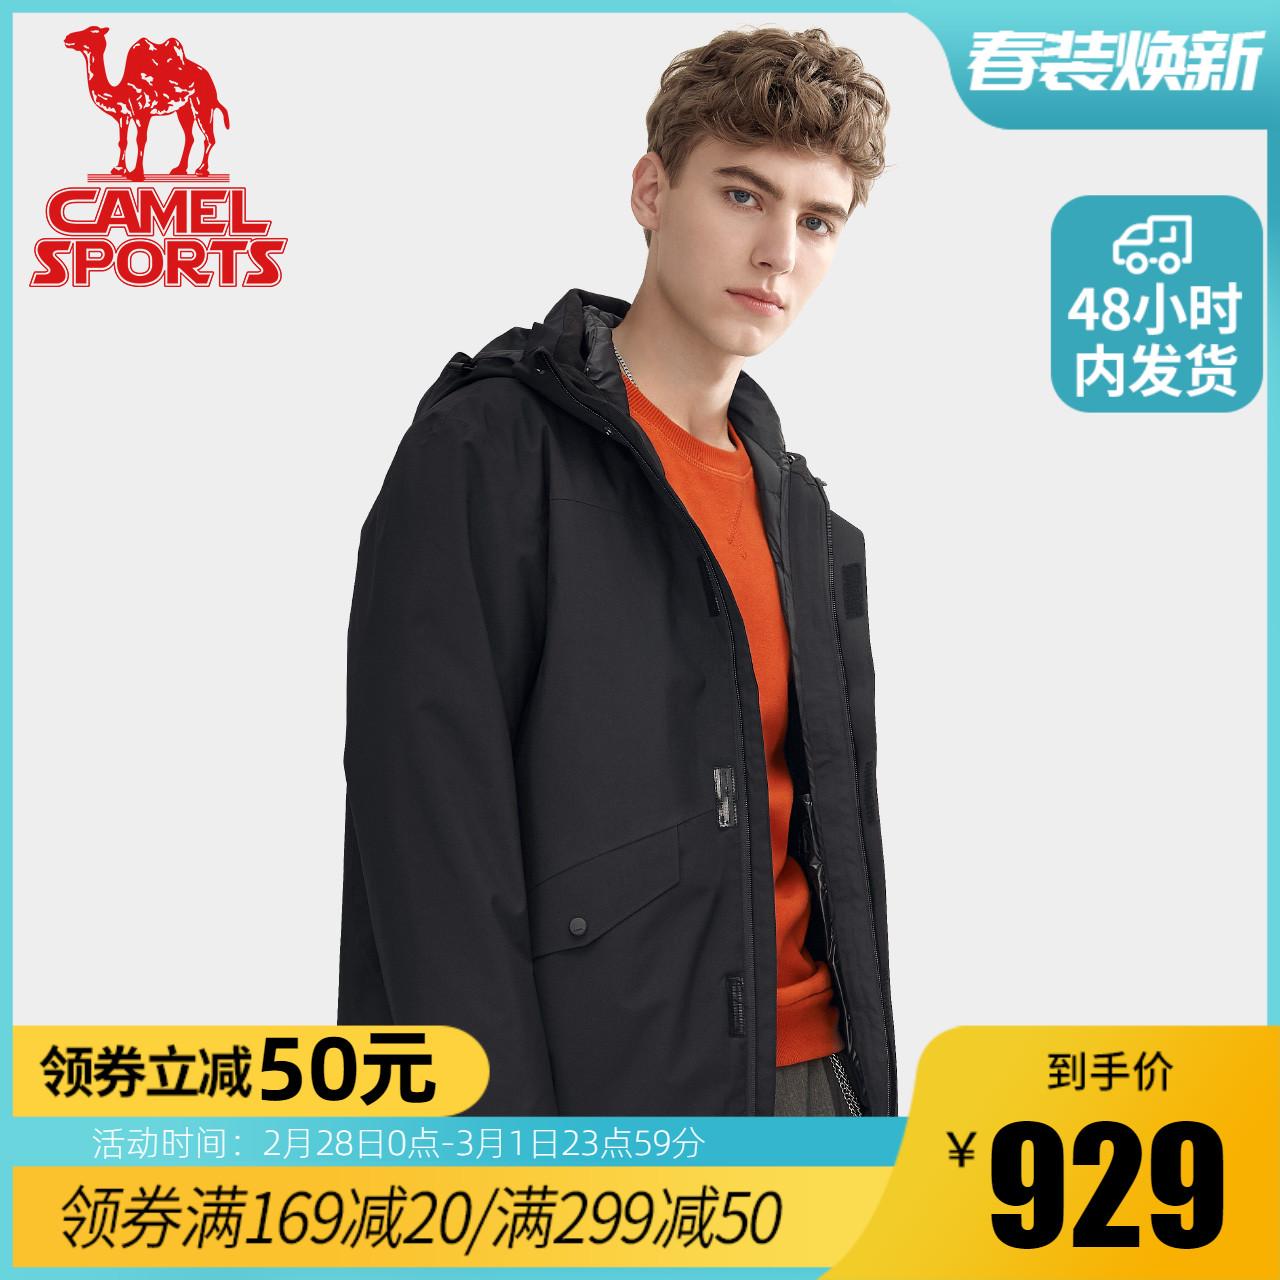 骆驼户外冲锋衣男士女羽绒服内胆秋冬季三合一可拆卸潮牌保暖外套